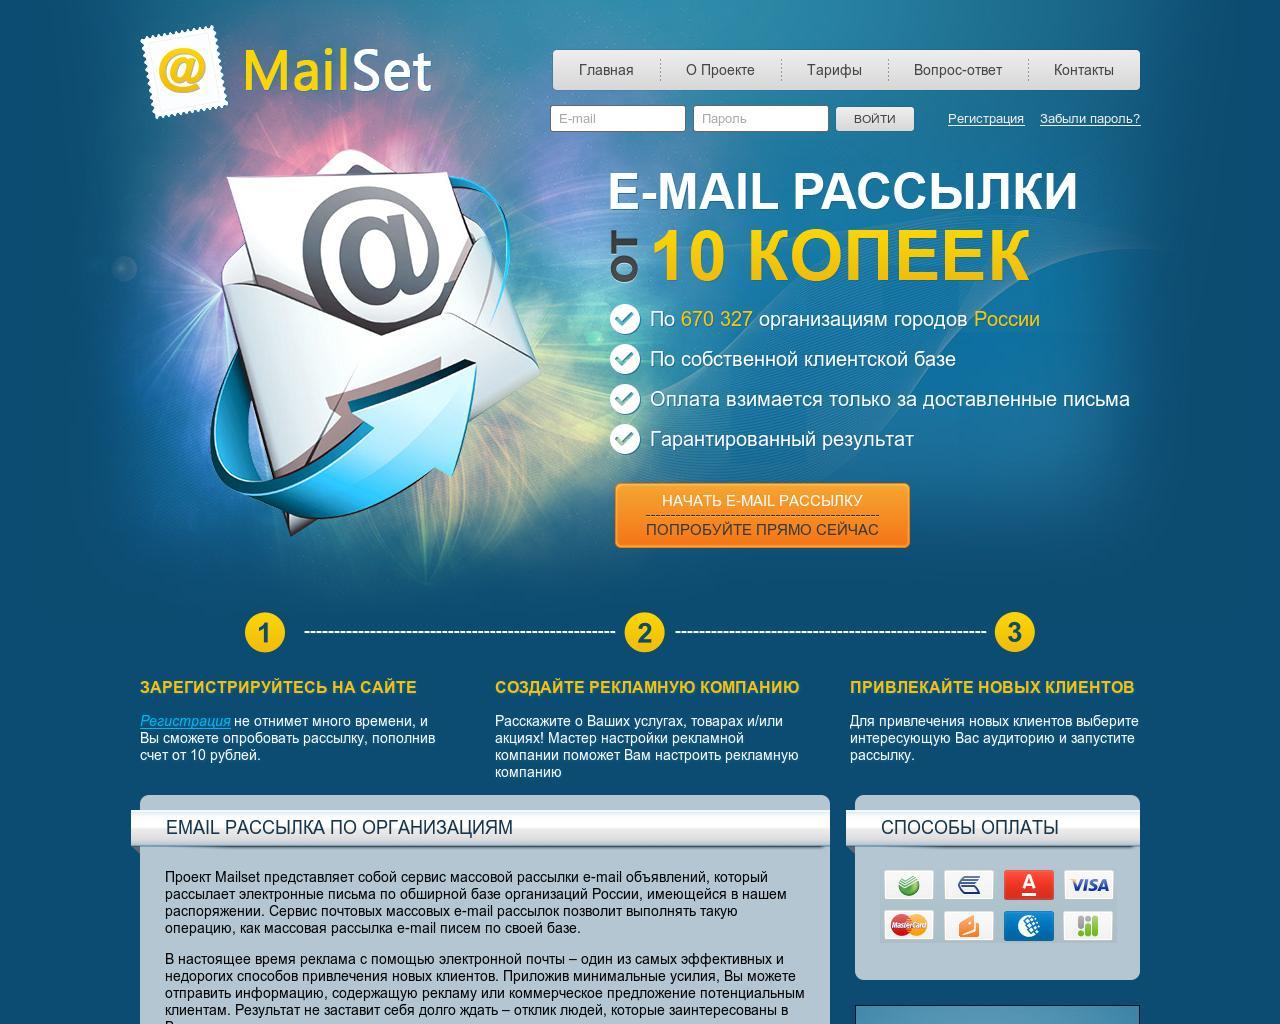 Как организовать email-рассылку? Советы новичкам